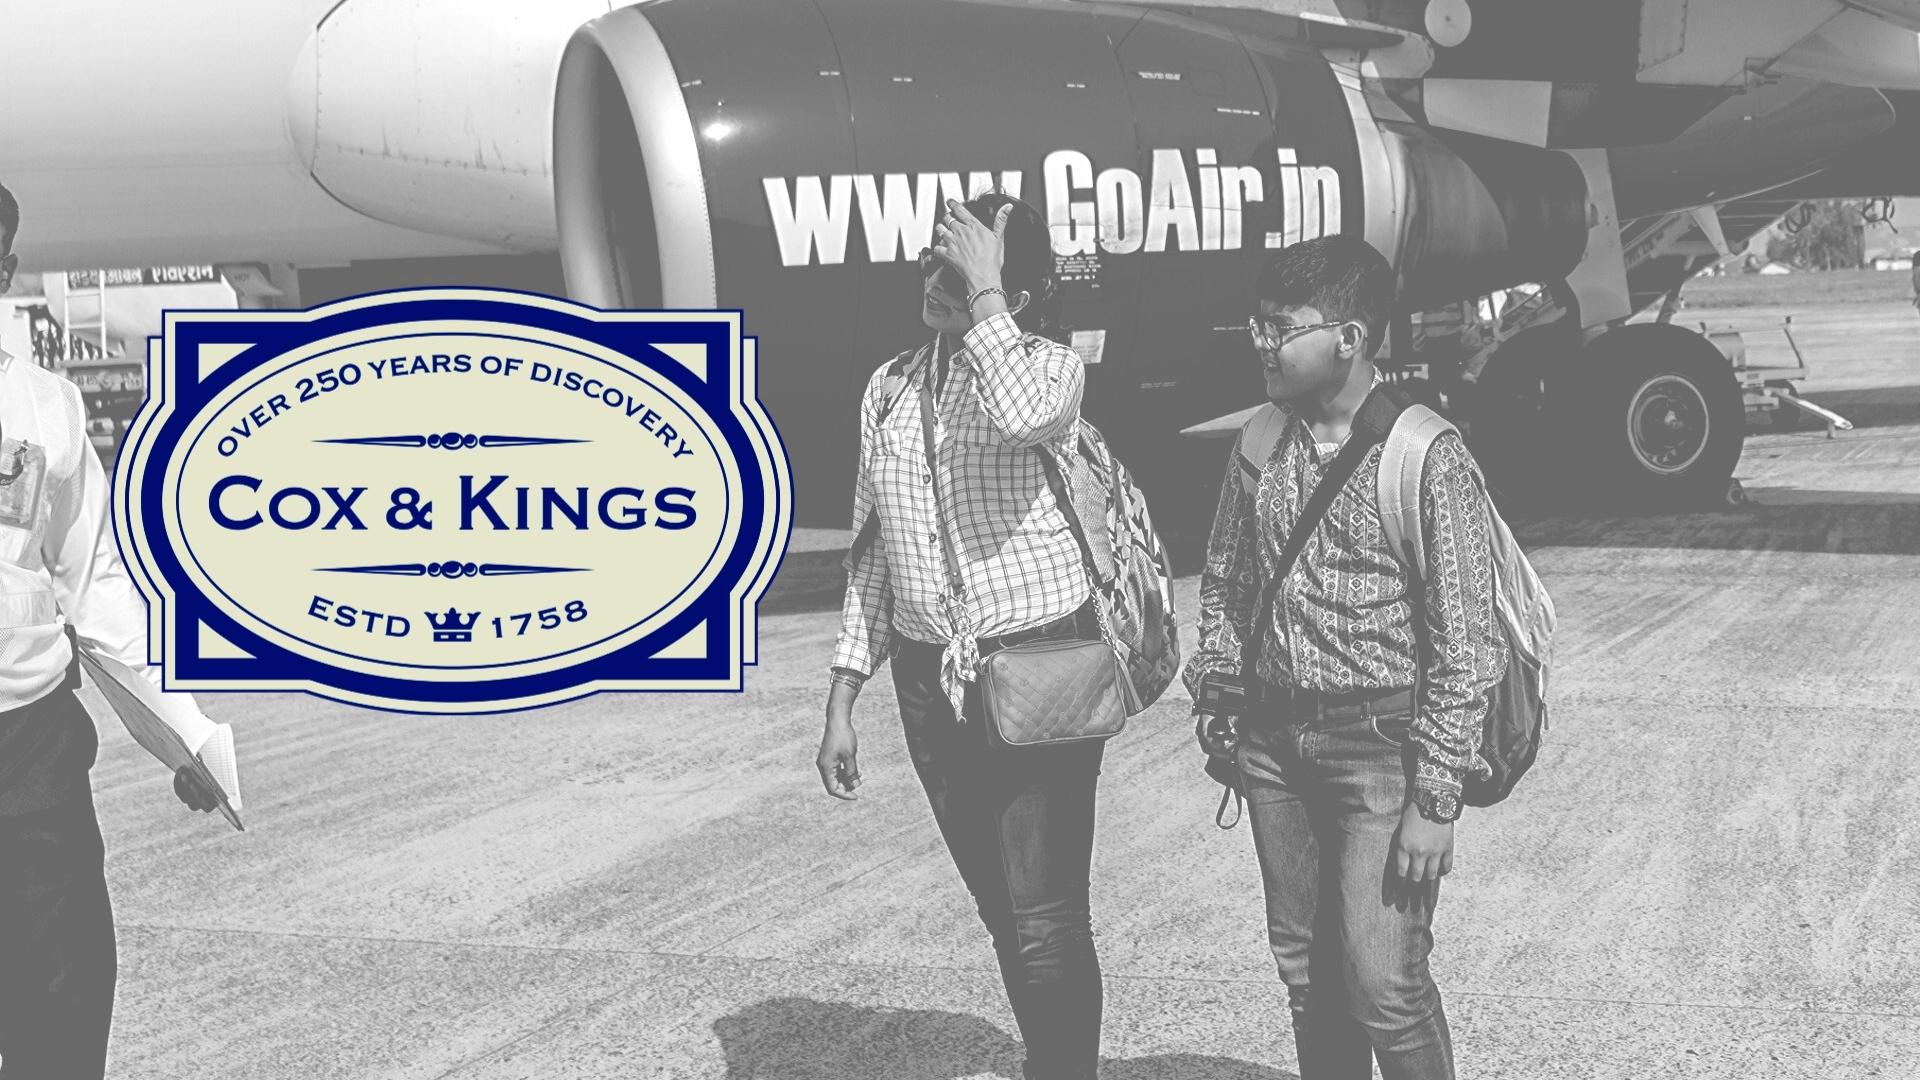 Cox and kings forex kolkata